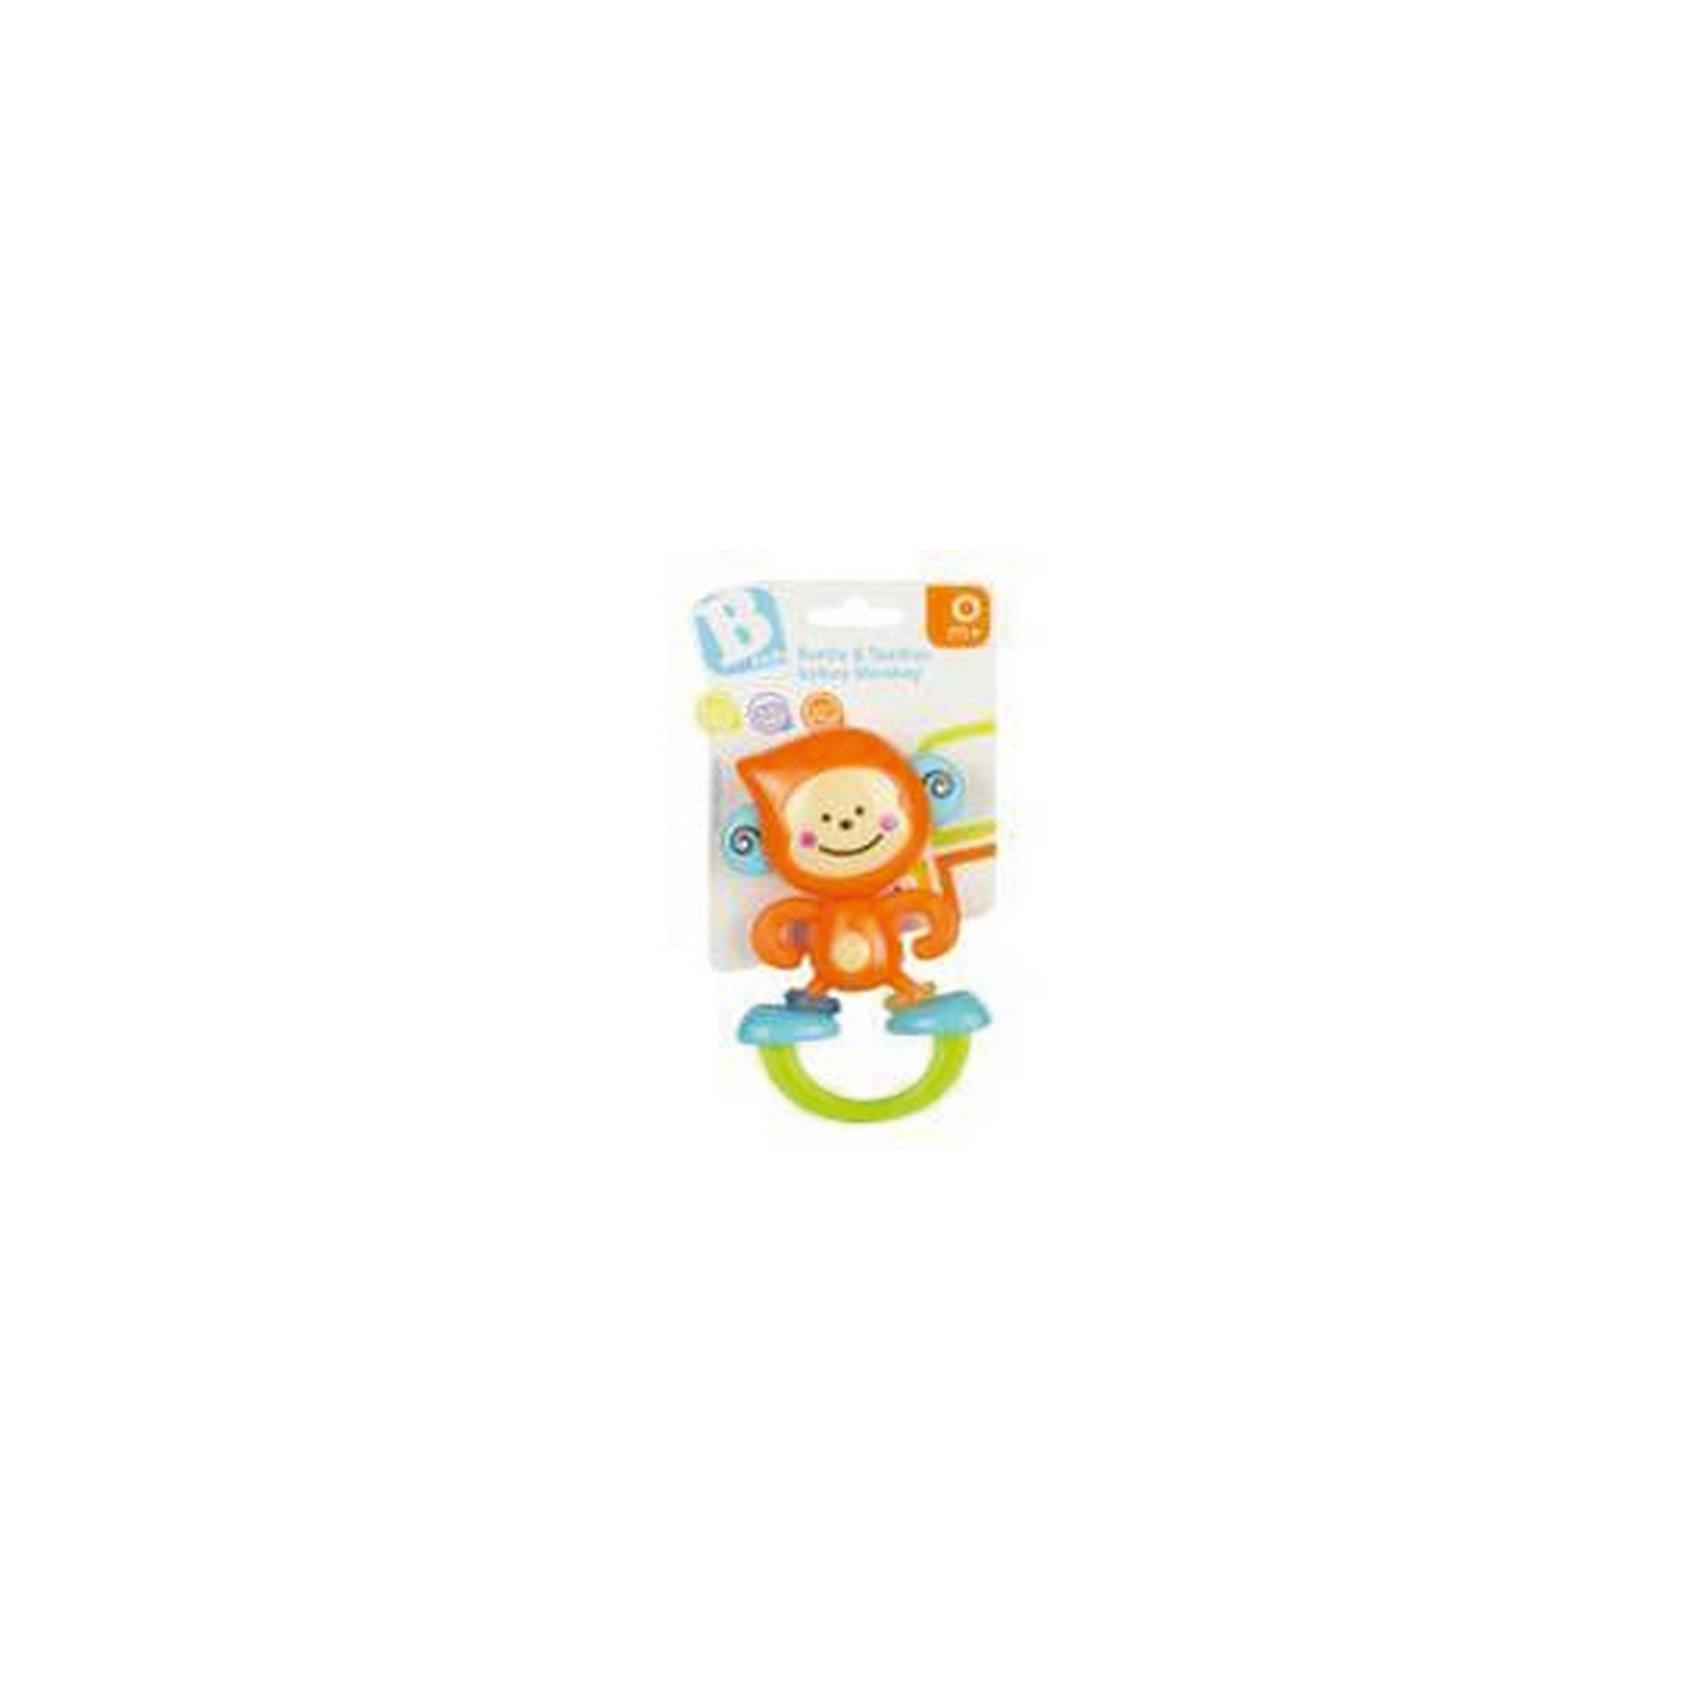 Игрушка Веселая обезьянка, BKidsПрорезыватели<br>Прорезыватели необходимы детям, у которых режутся зубки. Они могут выглядеть очень симпатично! Эта игрушка представляет собой прорезыватель в виде обезьяны. На её ножках есть небольшие колечки голубого и зеленого цвета. Их можно крутить и передвигать. <br>Такие игрушки способствуют развитию мелкой моторики, воображения, цветовосприятия, тактильных ощущений. Изделие разработано специально для самых маленьких. Сделано из материалов, безопасных для детей.<br><br>Дополнительная информация:<br><br>цвет: разноцветный;<br>размеры игрушки: 15 х 20 х 4 см;<br>возраст: с рождения.<br><br>Игрушку Веселая обезьянка от бренда BKids можно купить в нашем интернет-магазине.<br><br>Ширина мм: 101<br>Глубина мм: 101<br>Высота мм: 20<br>Вес г: 71<br>Возраст от месяцев: 0<br>Возраст до месяцев: 36<br>Пол: Унисекс<br>Возраст: Детский<br>SKU: 5055392